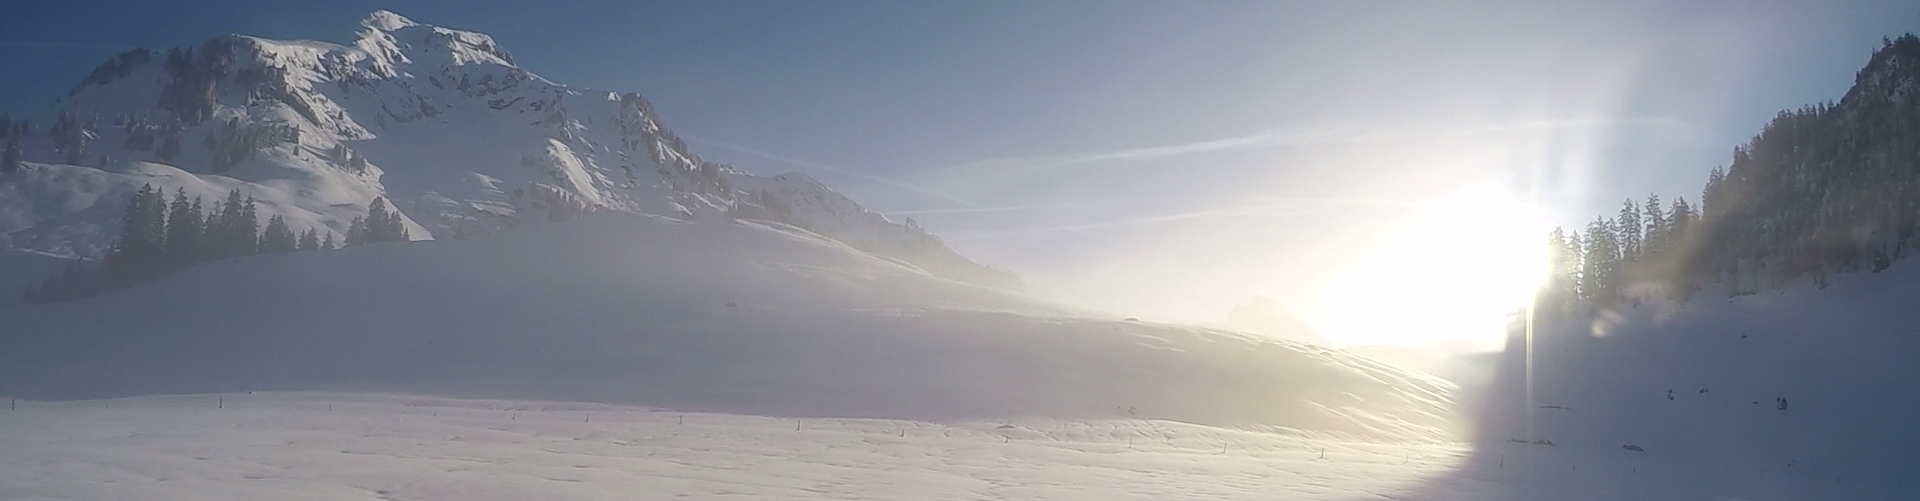 Kaltluftseen in der Schweiz